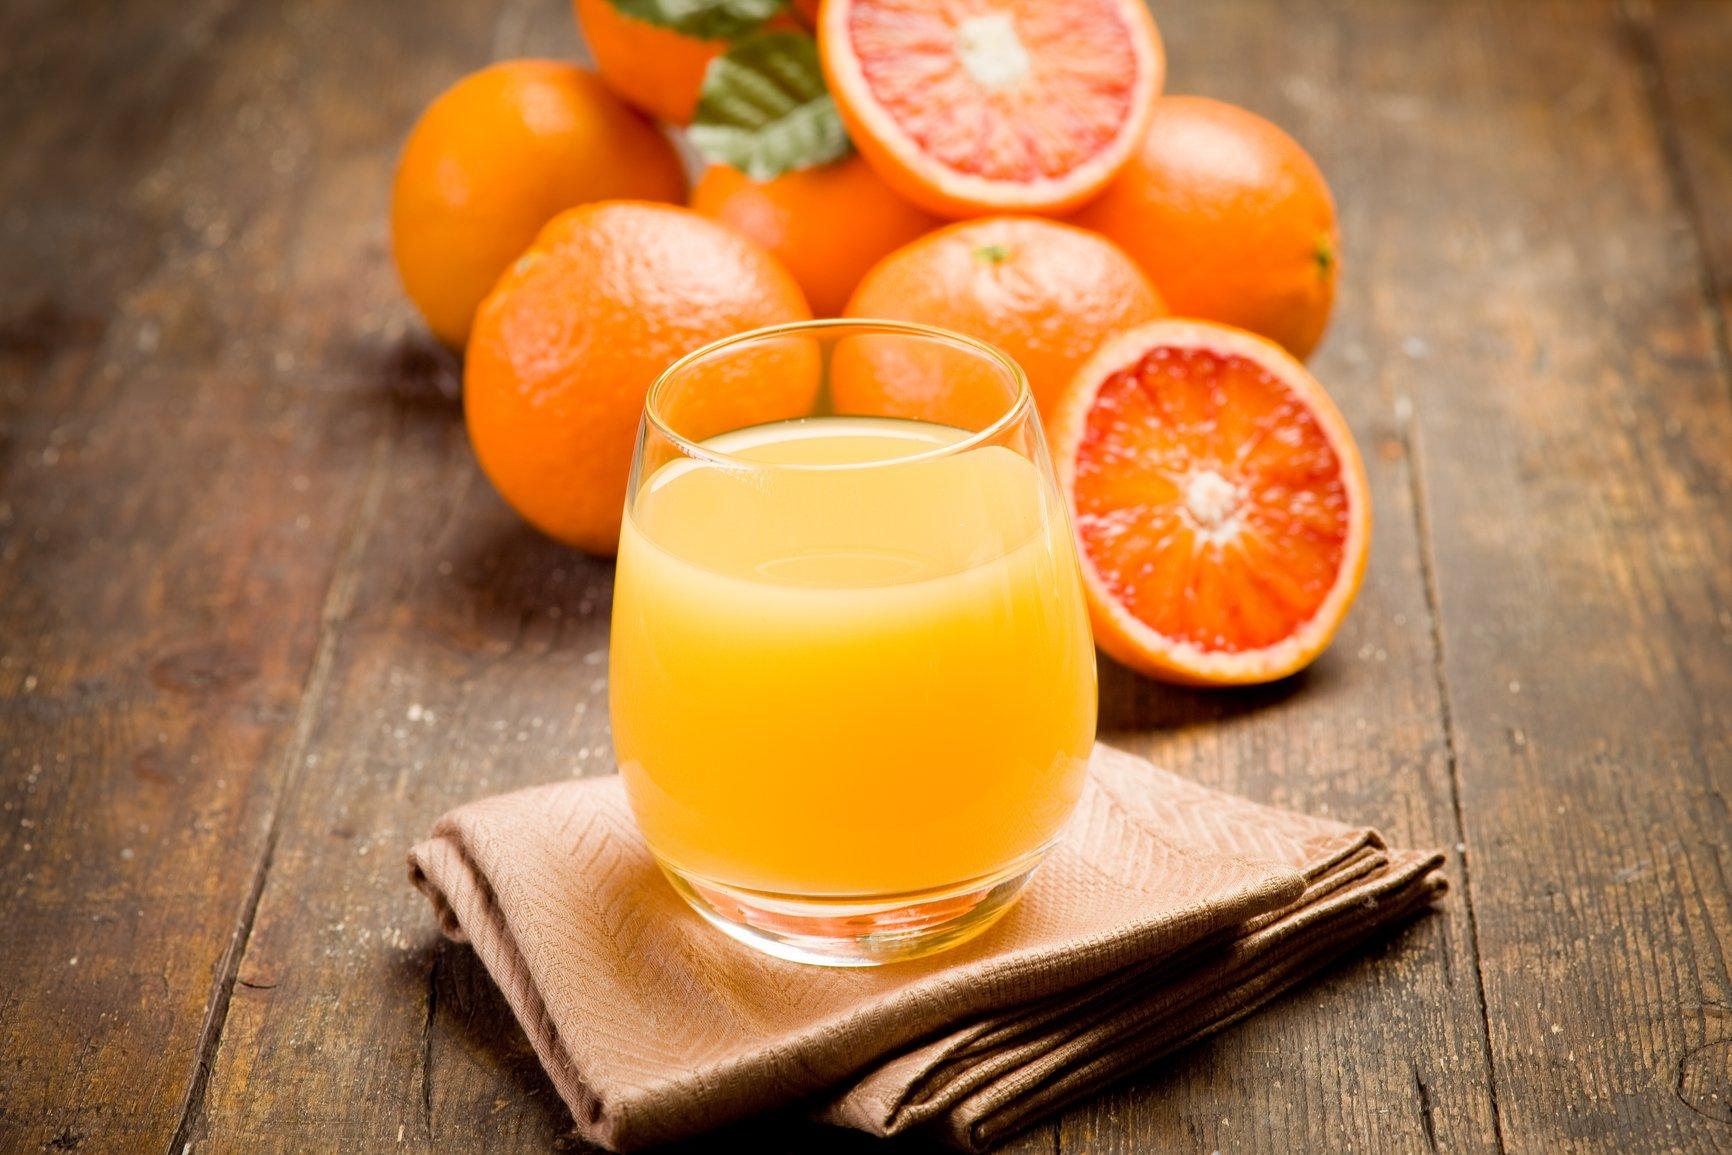 Можно ли будущим мамам есть апельсины?